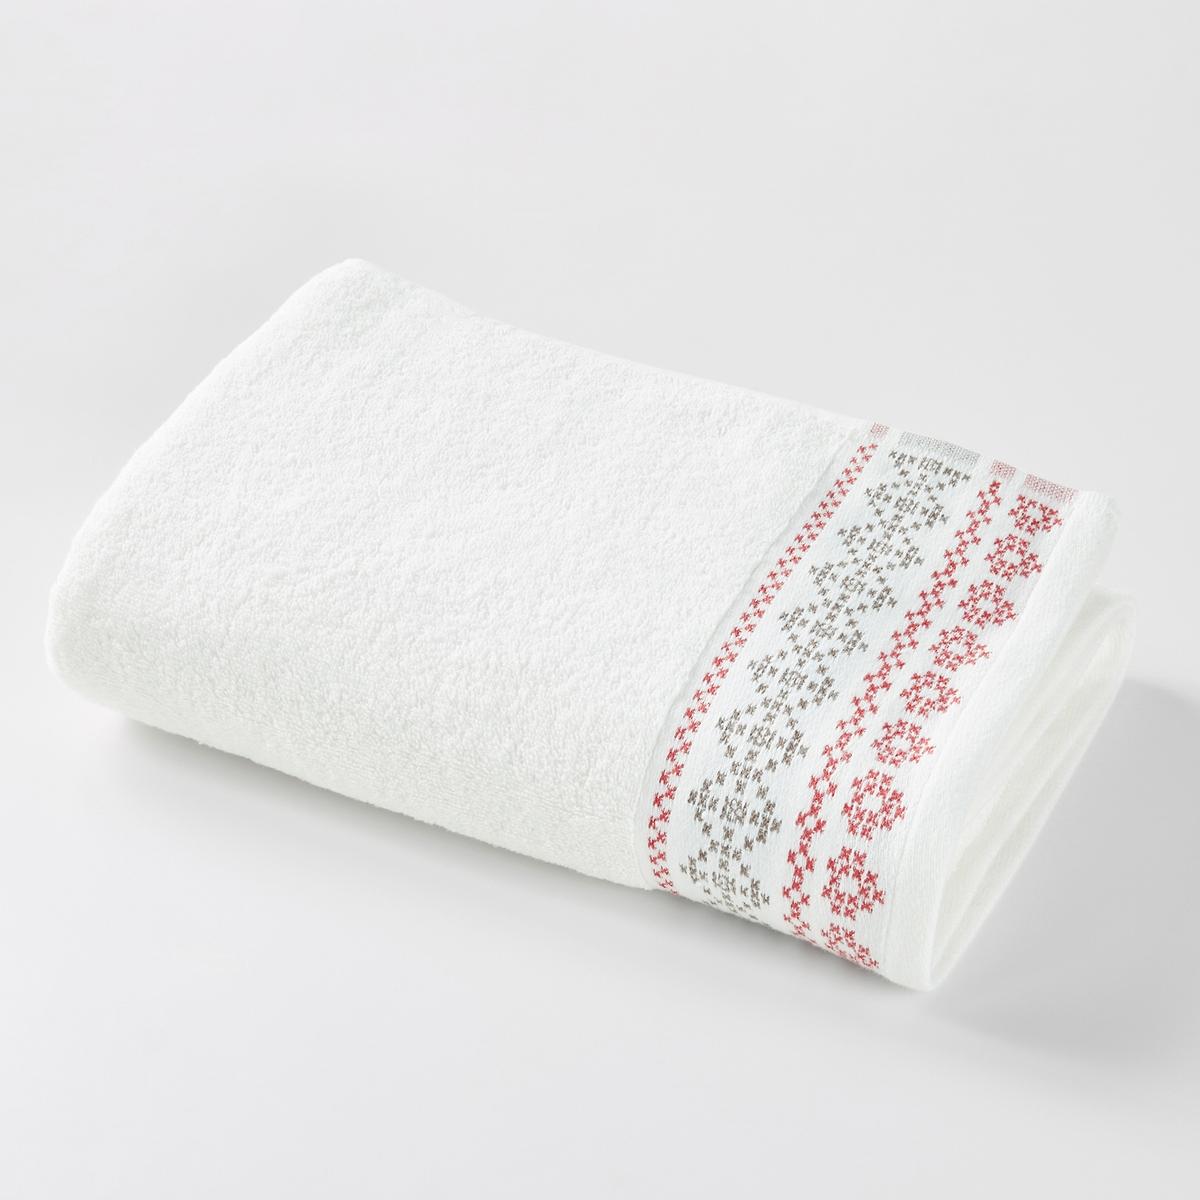 Полотенце банное большое CHALET, с традиционным жаккардовым рисунком по краю.Большое банное полотенце CHALET из хлопка, с традиционным жаккардовым рисунком по краю. Банное полотенце больших размеров из мягкого плотного хлопка.  Характеристики большого банного полотенца:Материал: махровая ткань, 100% хлопок, 430 г/м?.Уход : Машинная стирка при 60 °С.Отделка жаккардовым рисунком по краю.Размеры большого банного полотенца:100 x 150 см.<br><br>Цвет: белый<br>Размер: 100 x 150 cm